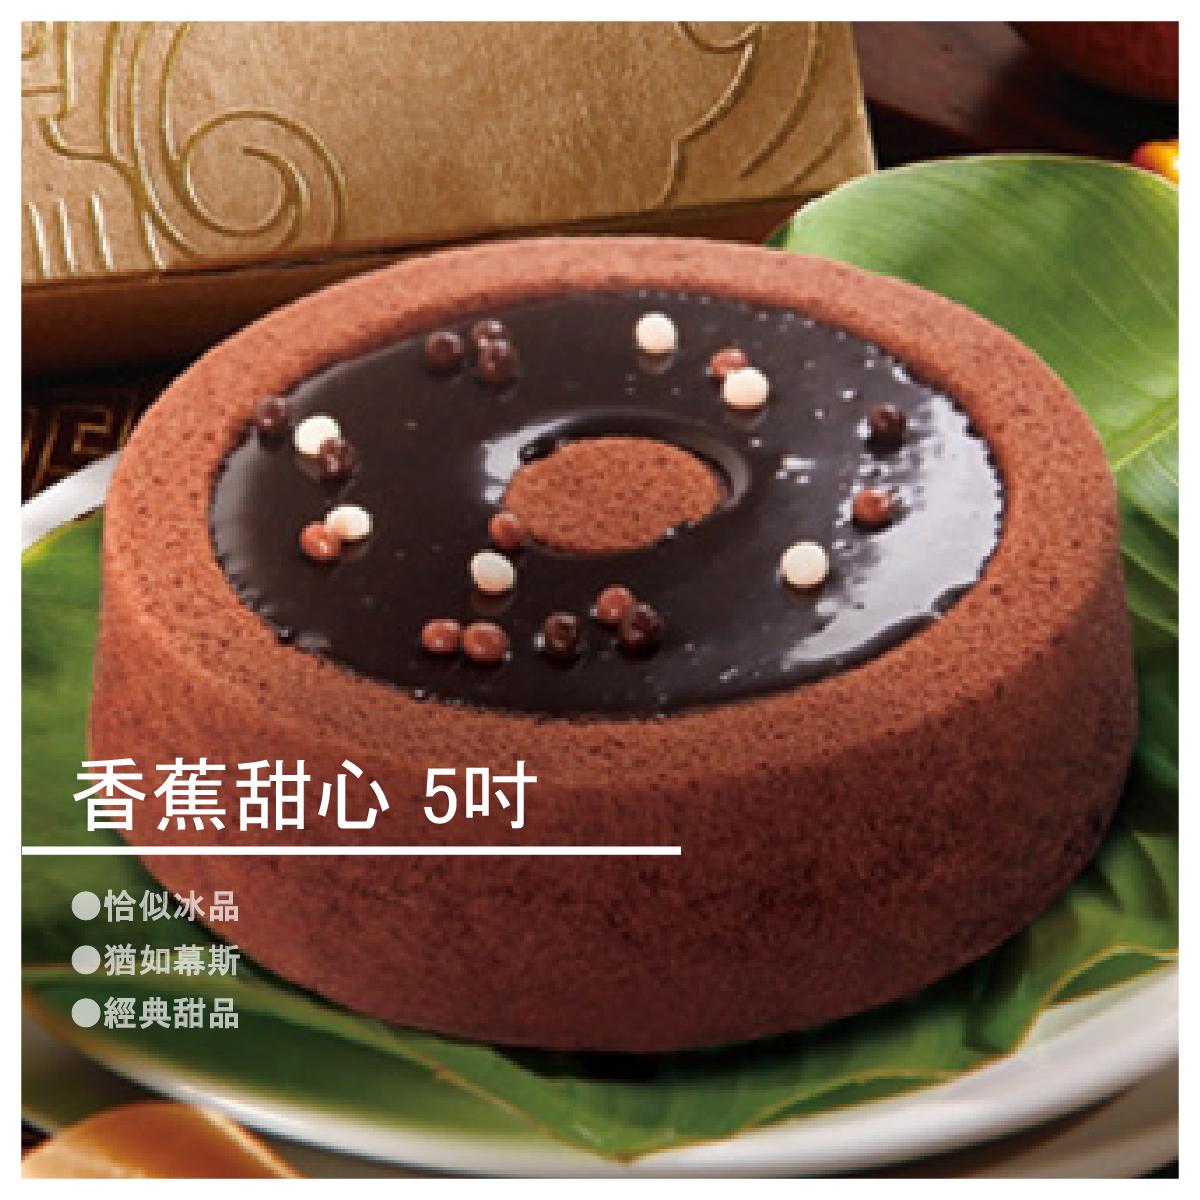 麵粉、糖、油、蛋、巧克力、鮮奶油。 遵循傳統工法,不添加防腐劑。 規格:5吋 口味:香蕉+巧克力 保存方式/天數:冷凍14天 ※請食用完畢以免錯失最佳品味期。 【旗山吉美香蕉蛋糕】品牌介紹 創辦人認為